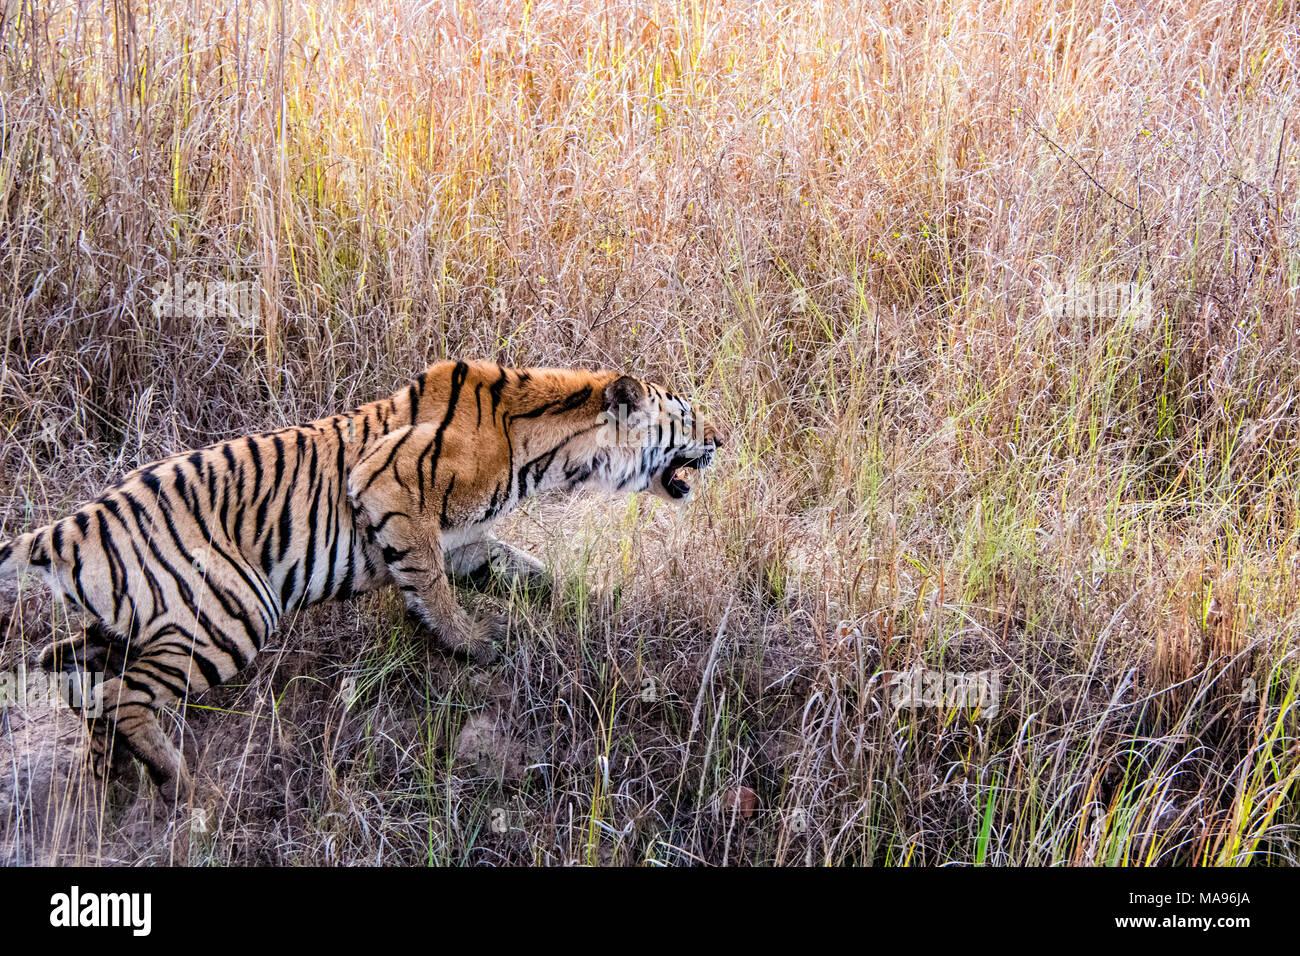 Tigre de Bengala salvajes, Panthera tigris tigris, gruñendo, atacando en Bandhavgarh reserva del tigre, Madhya Pradesh, India Imagen De Stock